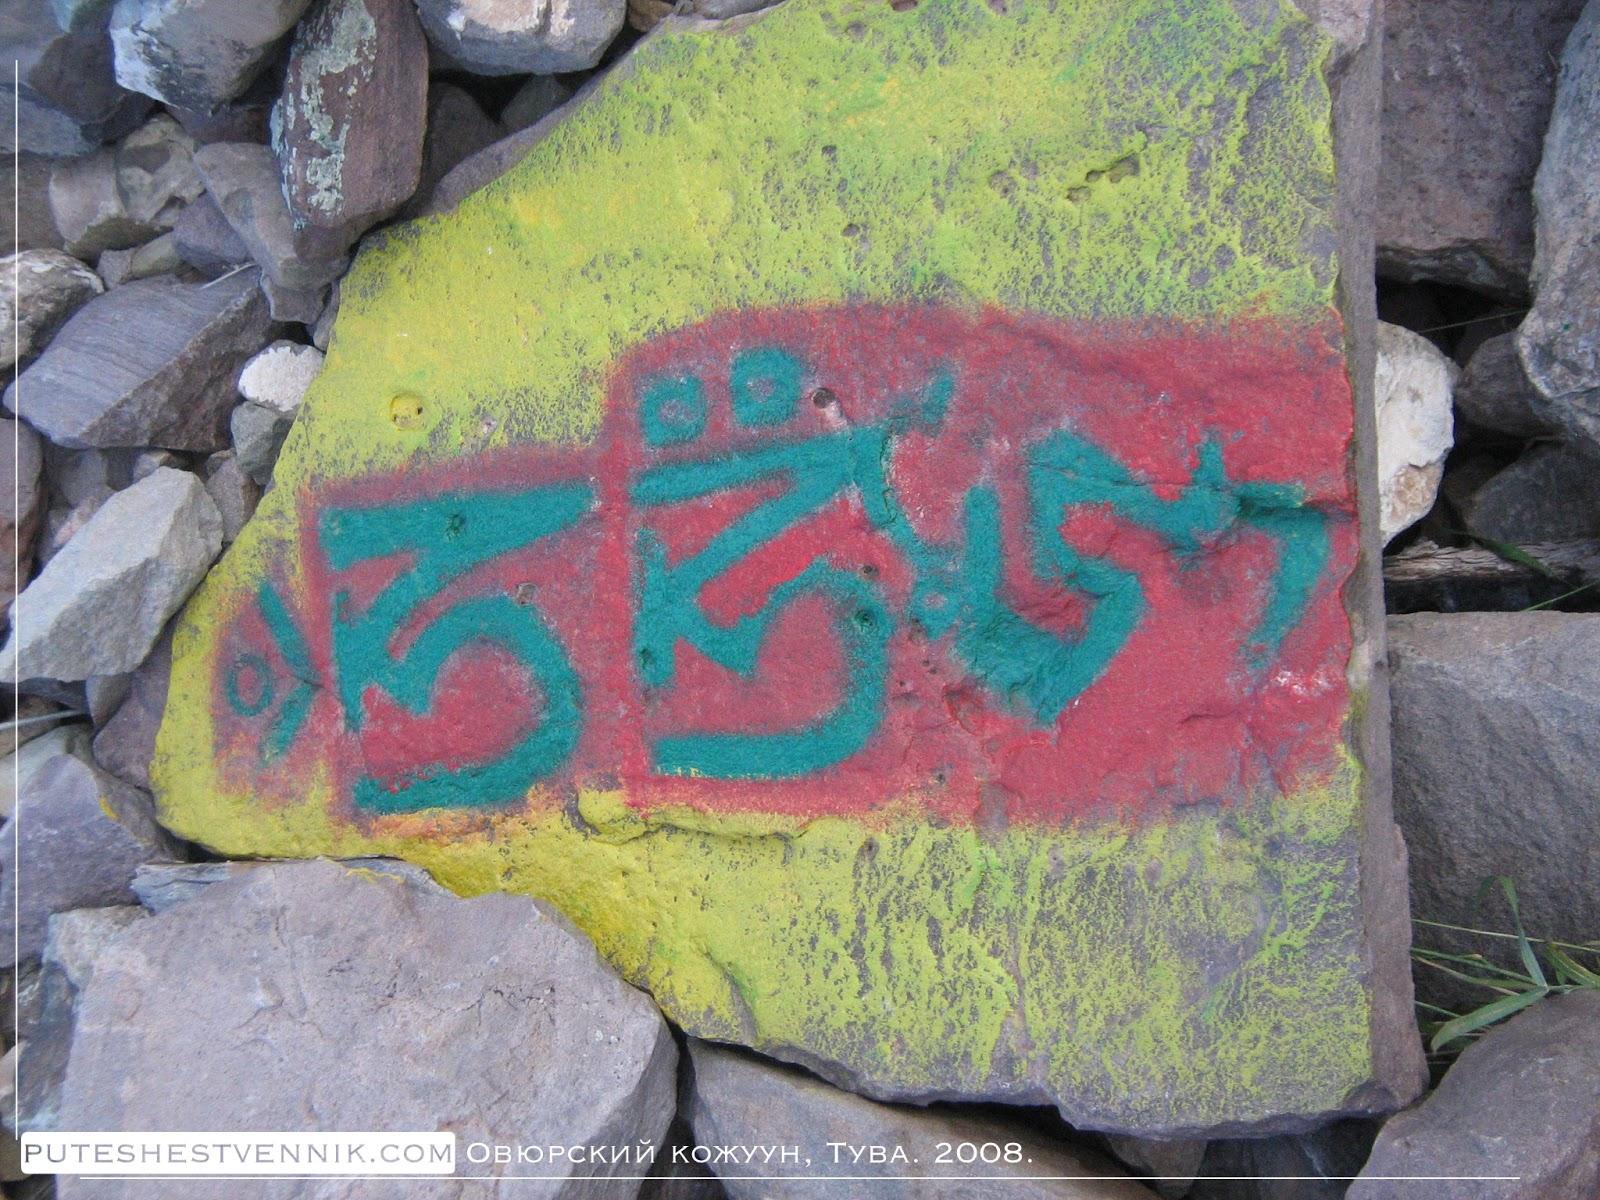 Надпись на камне в Туве